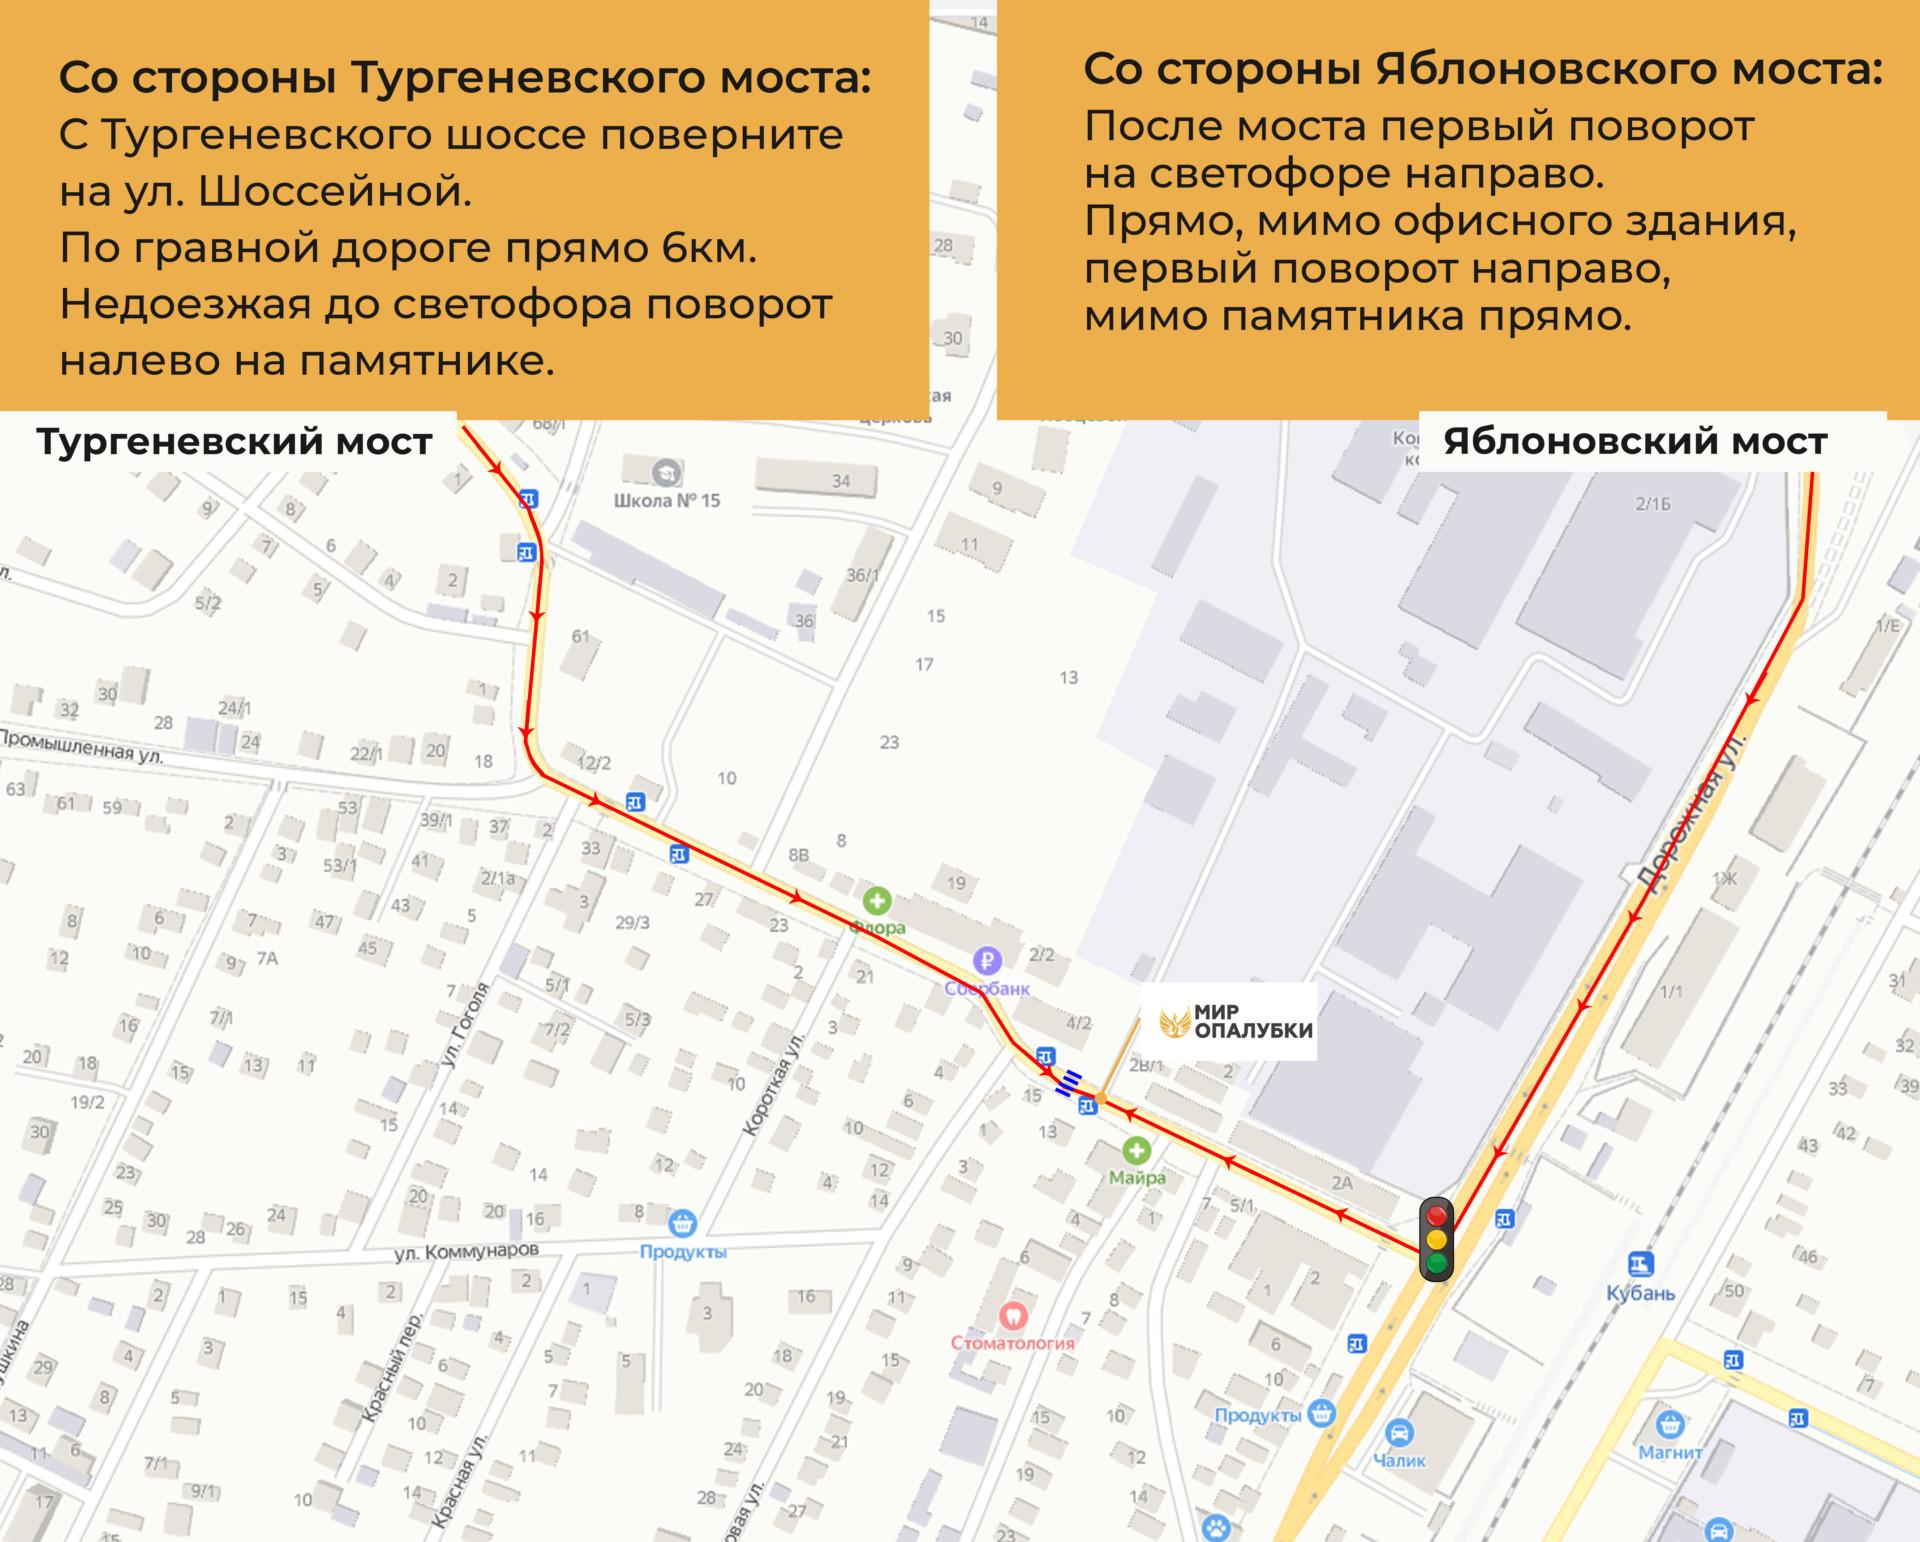 Оалубки Яблоновский - Контакты